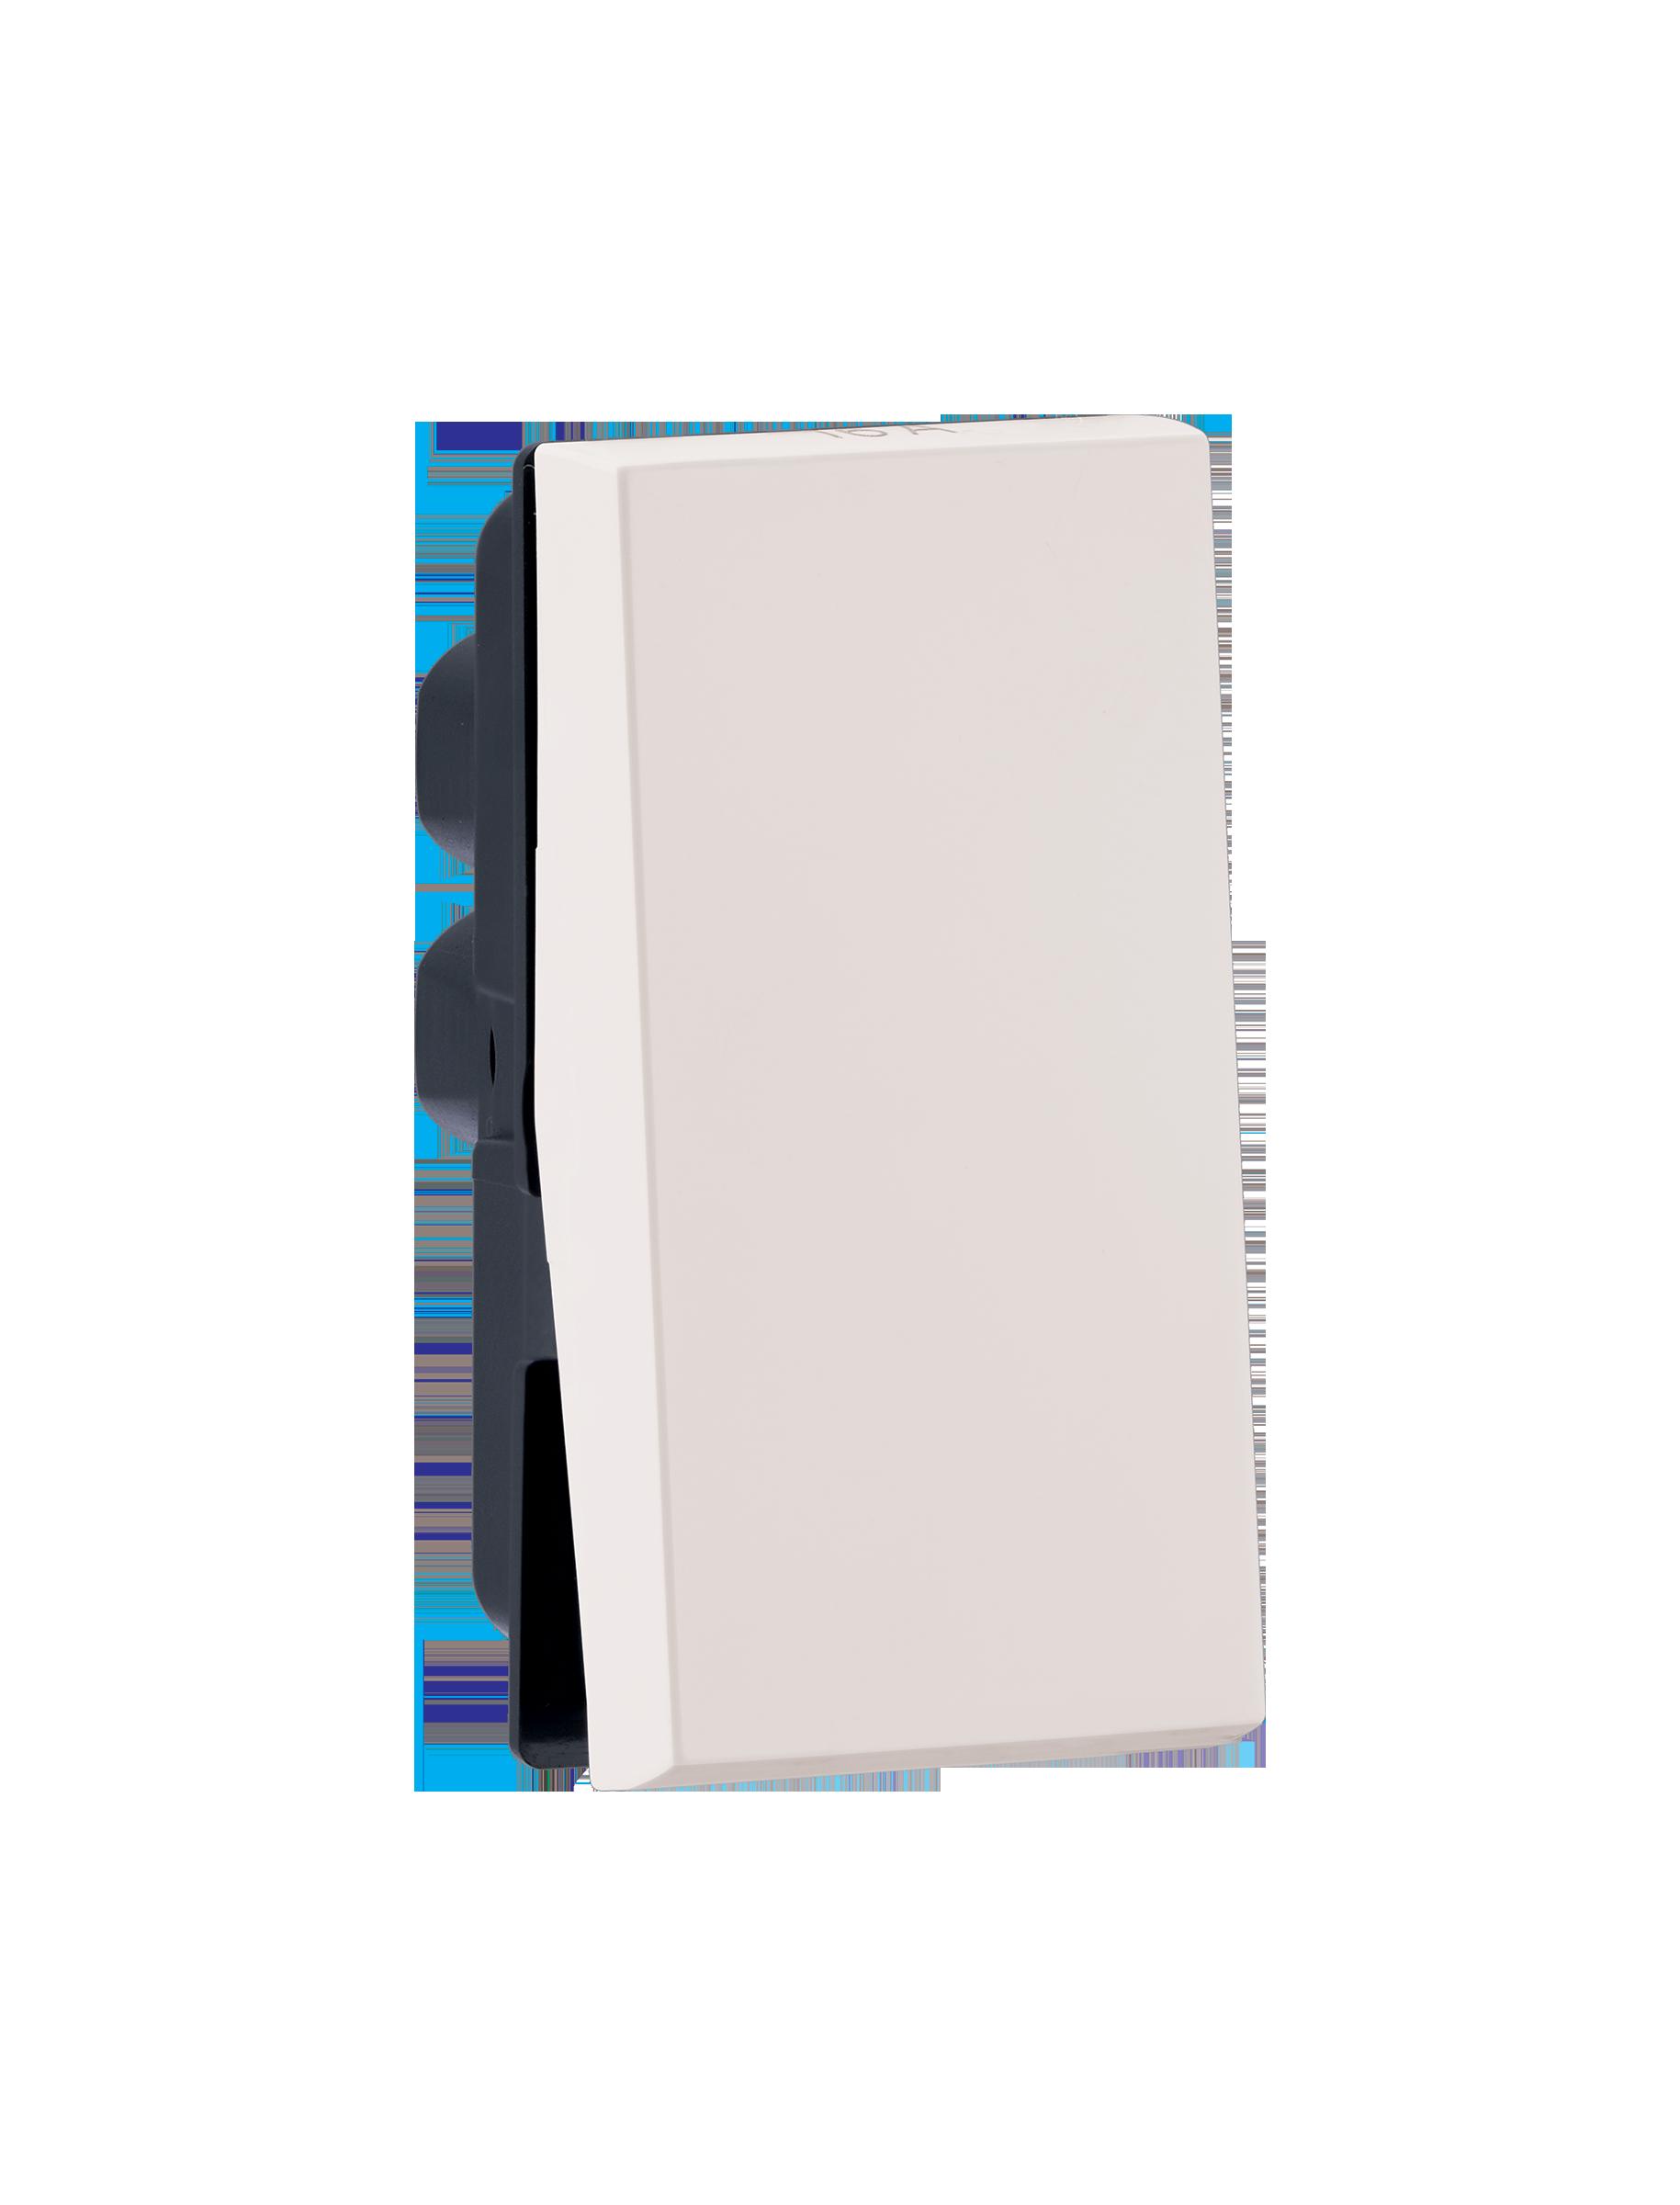 Myrius Nextgen 16A Switch 1 Way 1M White